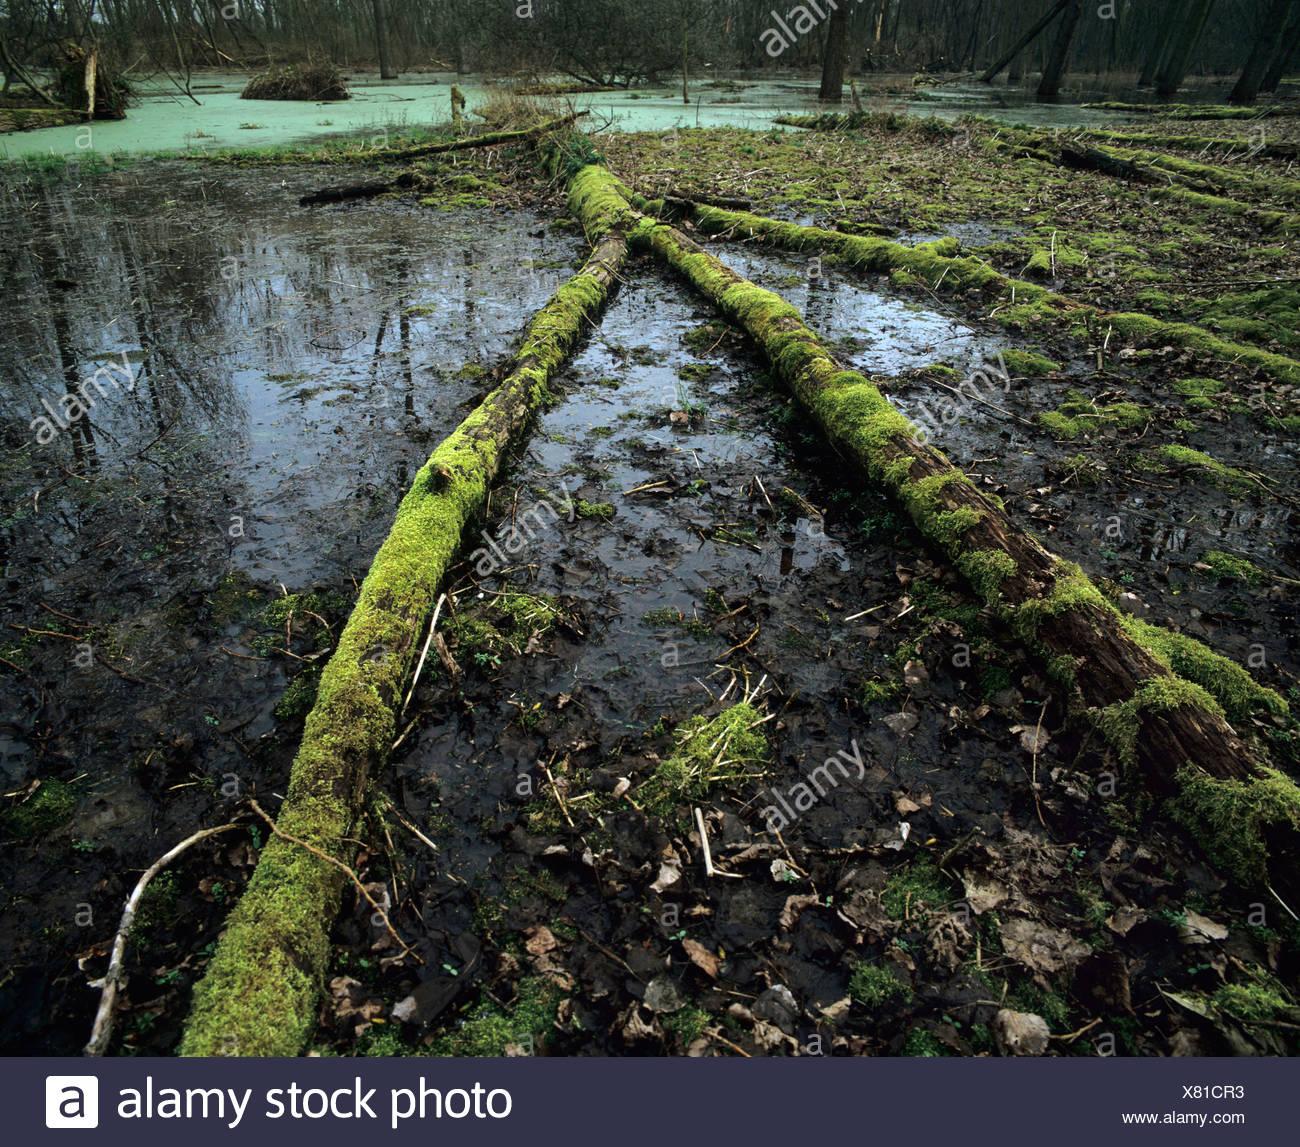 Lebensraum Feuchtgebiet mit Moos bewachsenen Totholz, Dicke Wasserlinsen Teppich hinten Stockbild